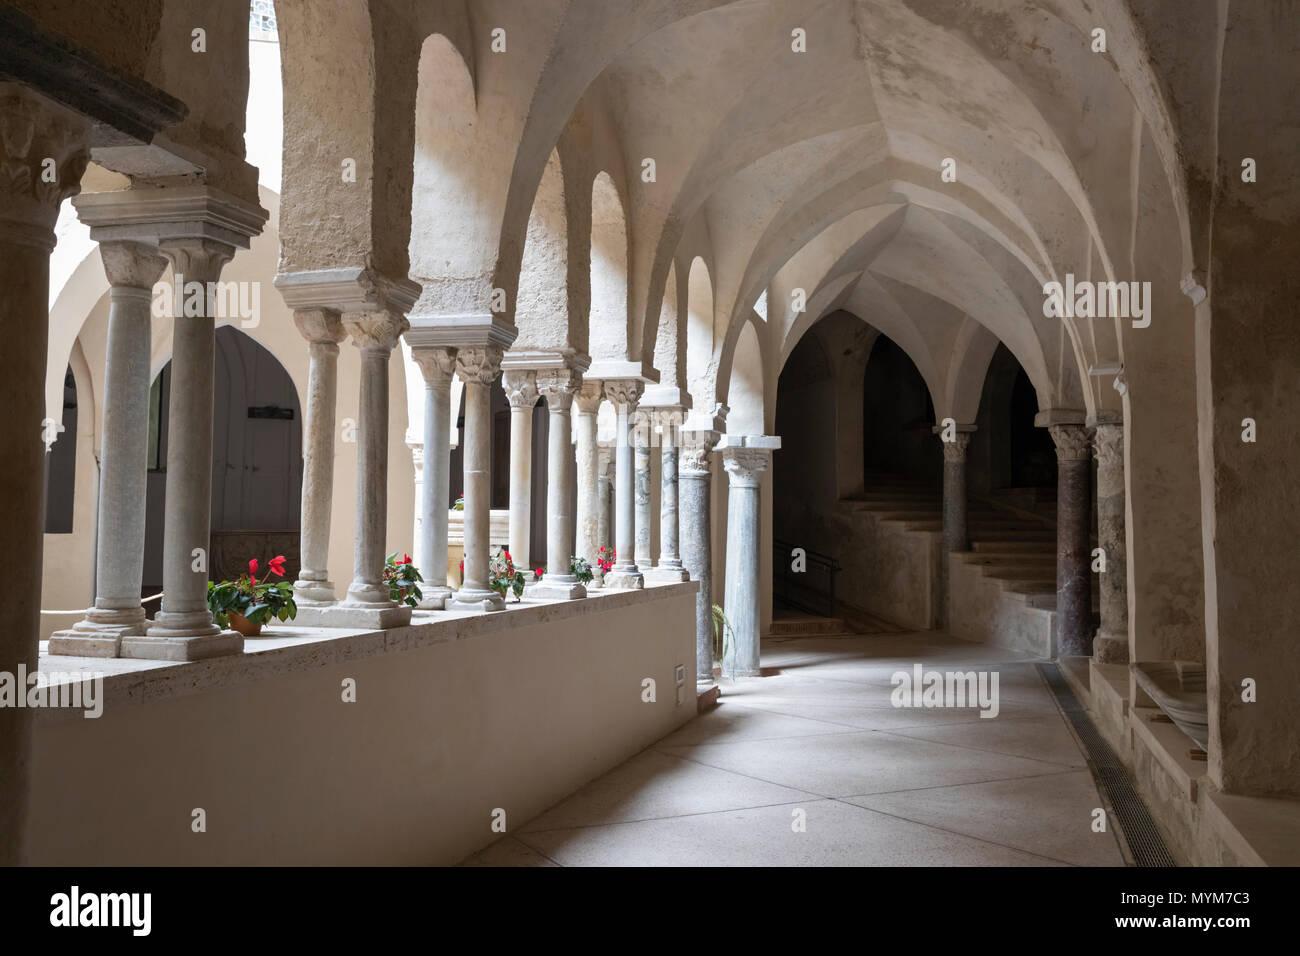 Il XIII secolo chiostro romanico dell abbazia benedettina della SS Trinità che è casa di monaci benedettini dell Ordo Cavensis, Corpo di Cava Immagini Stock